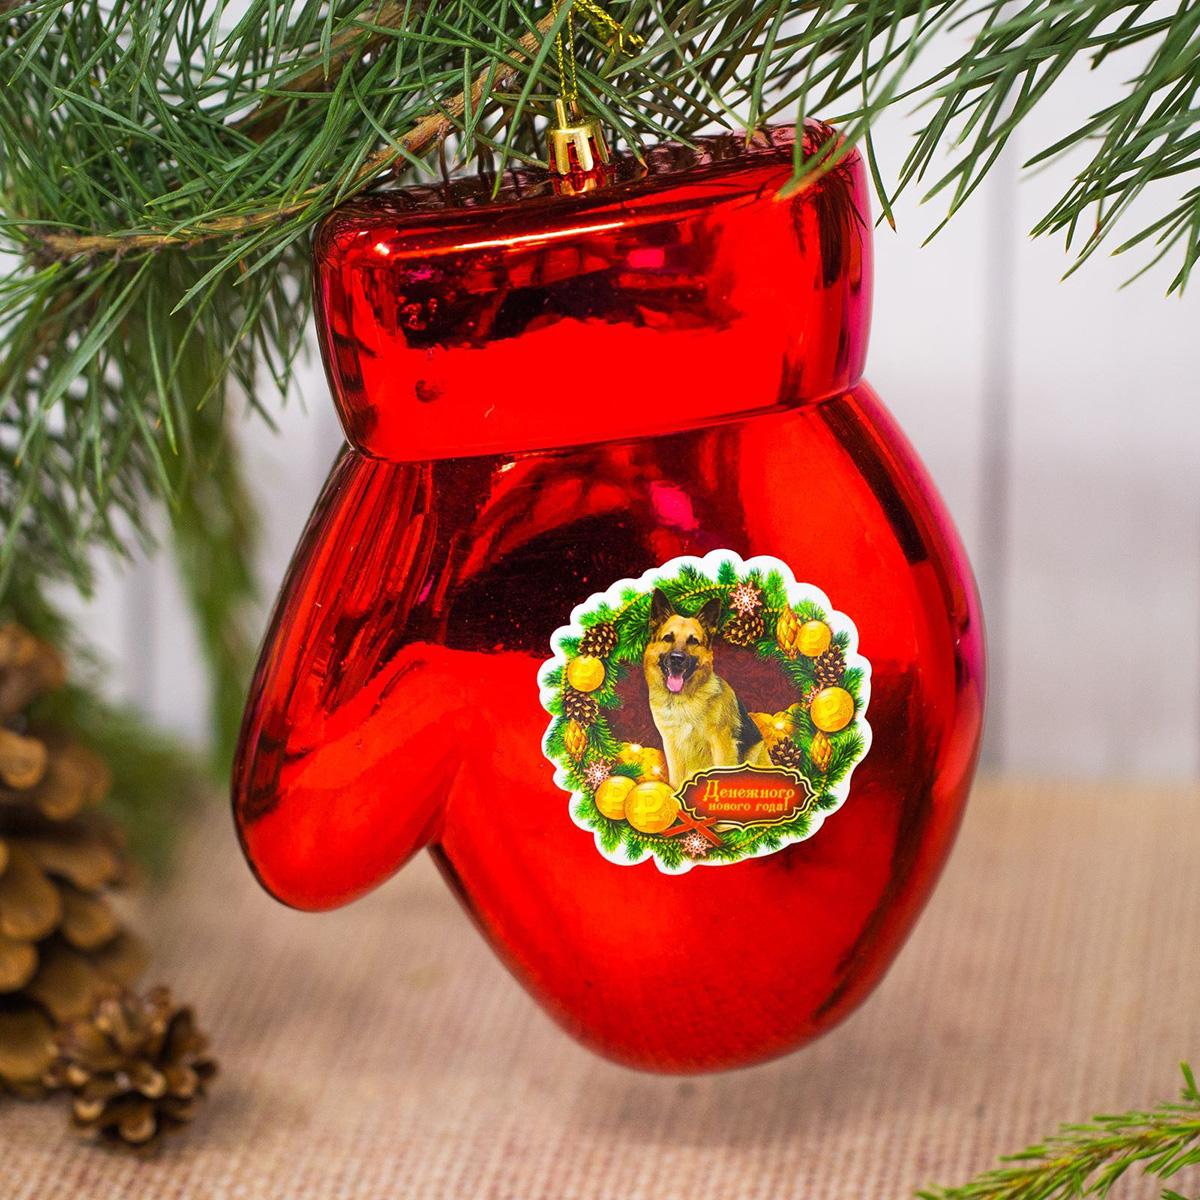 Новогоднее подвесное украшение Варежка. Денежного года, 17 х 13 см2393779Новогоднее подвесное украшение отлично подойдет для декорации вашего дома и новогодней ели. С помощью специальной петельки украшение можно повесить в любом понравившемся вам месте. Но, конечно, удачнее всего оно будет смотреться на праздничной елке.Елочная игрушка - символ Нового года. Она несет в себе волшебство и красоту праздника. Такое украшение создаст в вашем доме атмосферу праздника, веселья и радости.